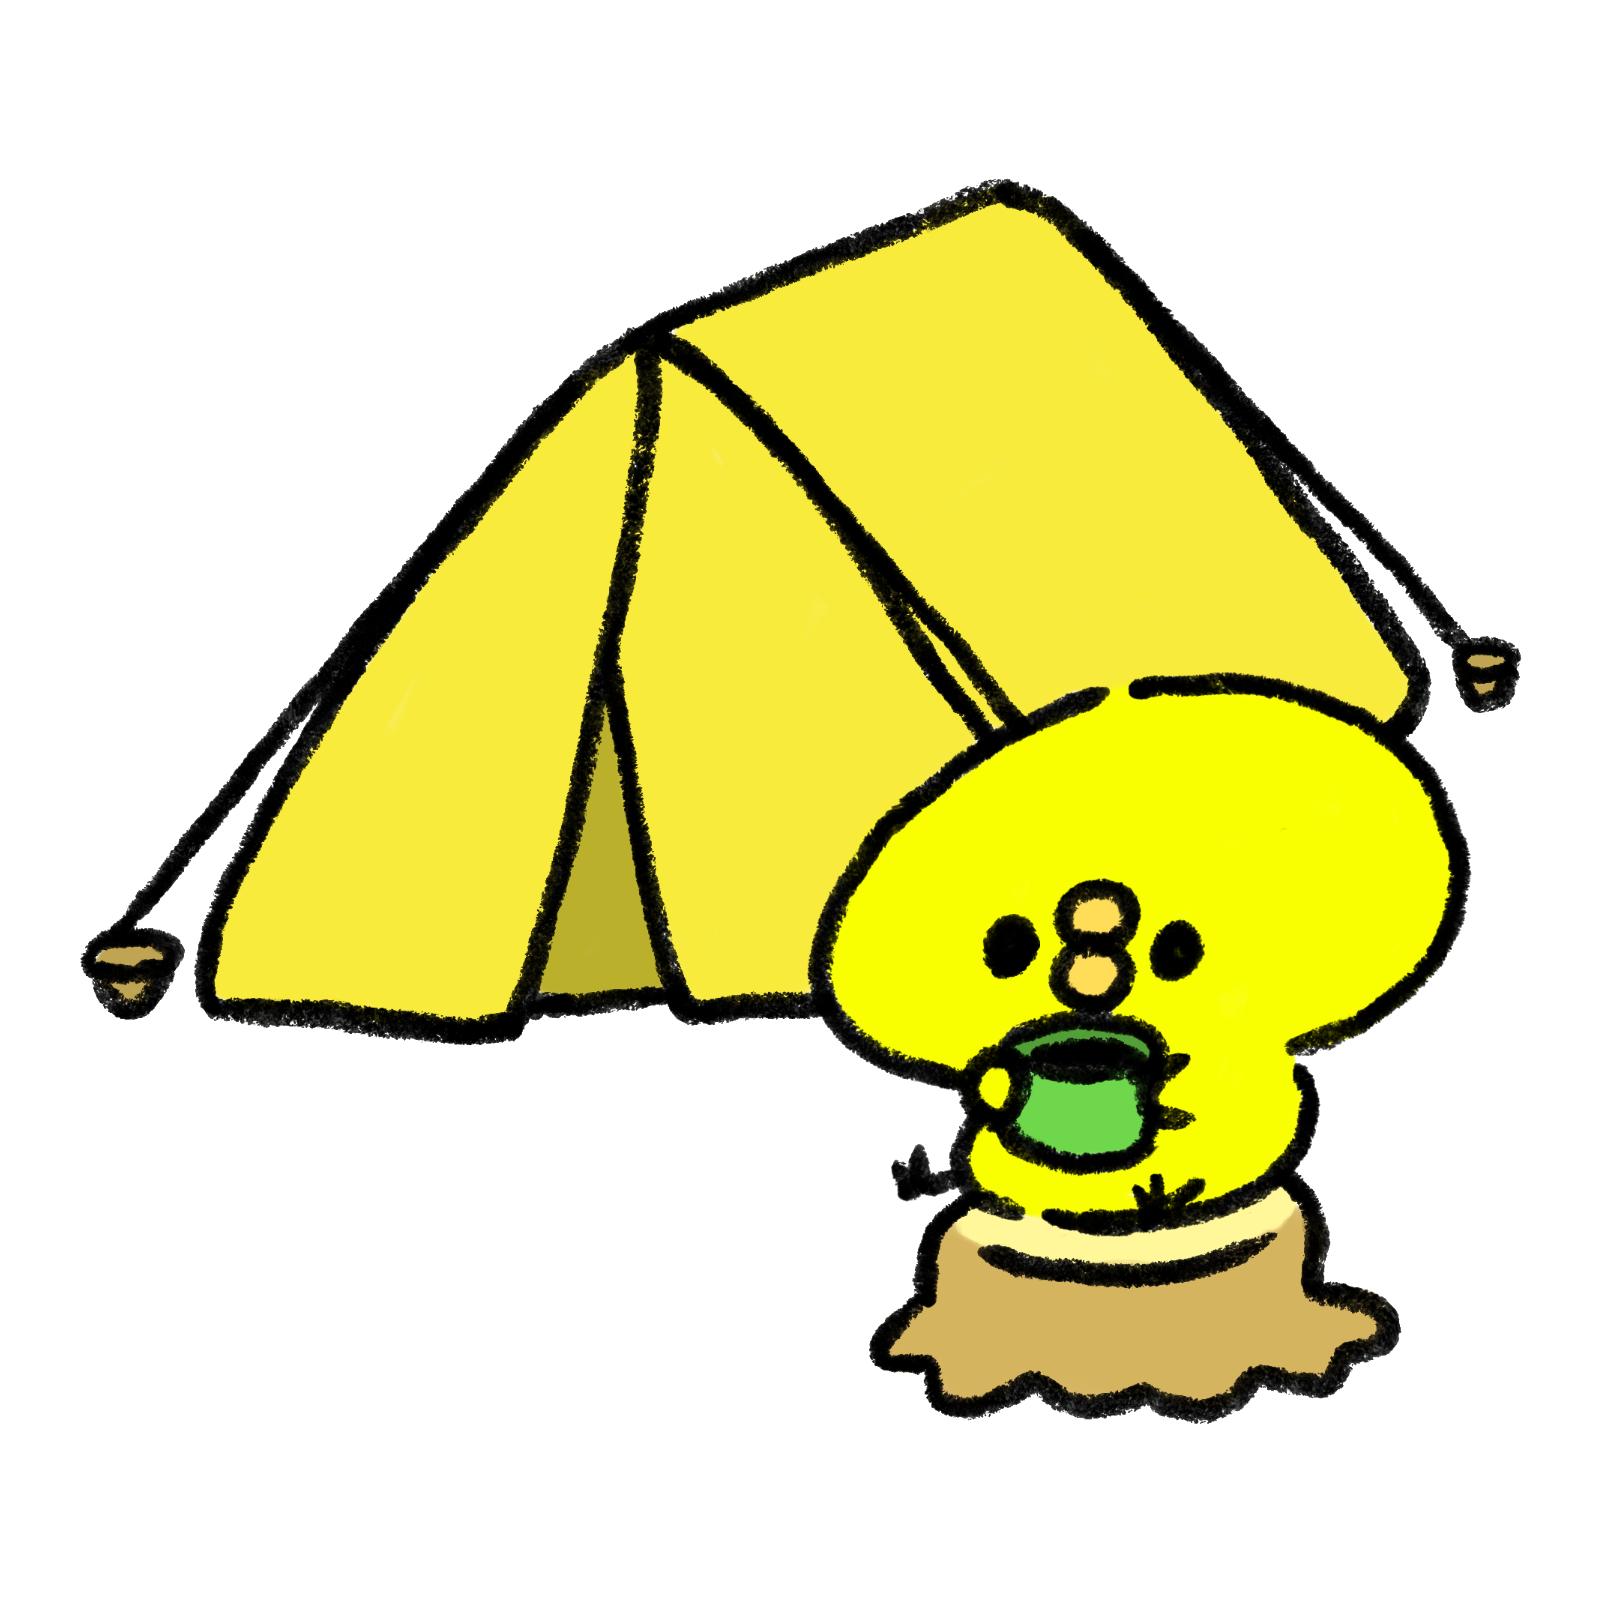 テントの前でキャンプを楽しむひよこ